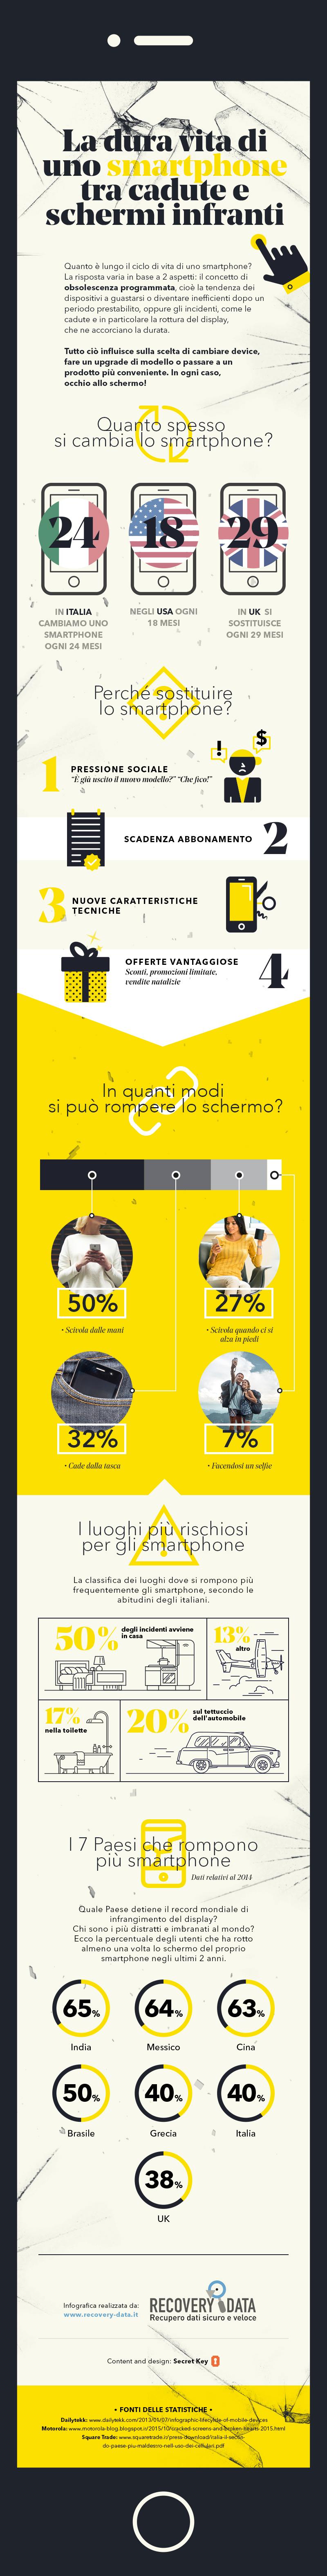 Le principali cause di rottura degli smartphone